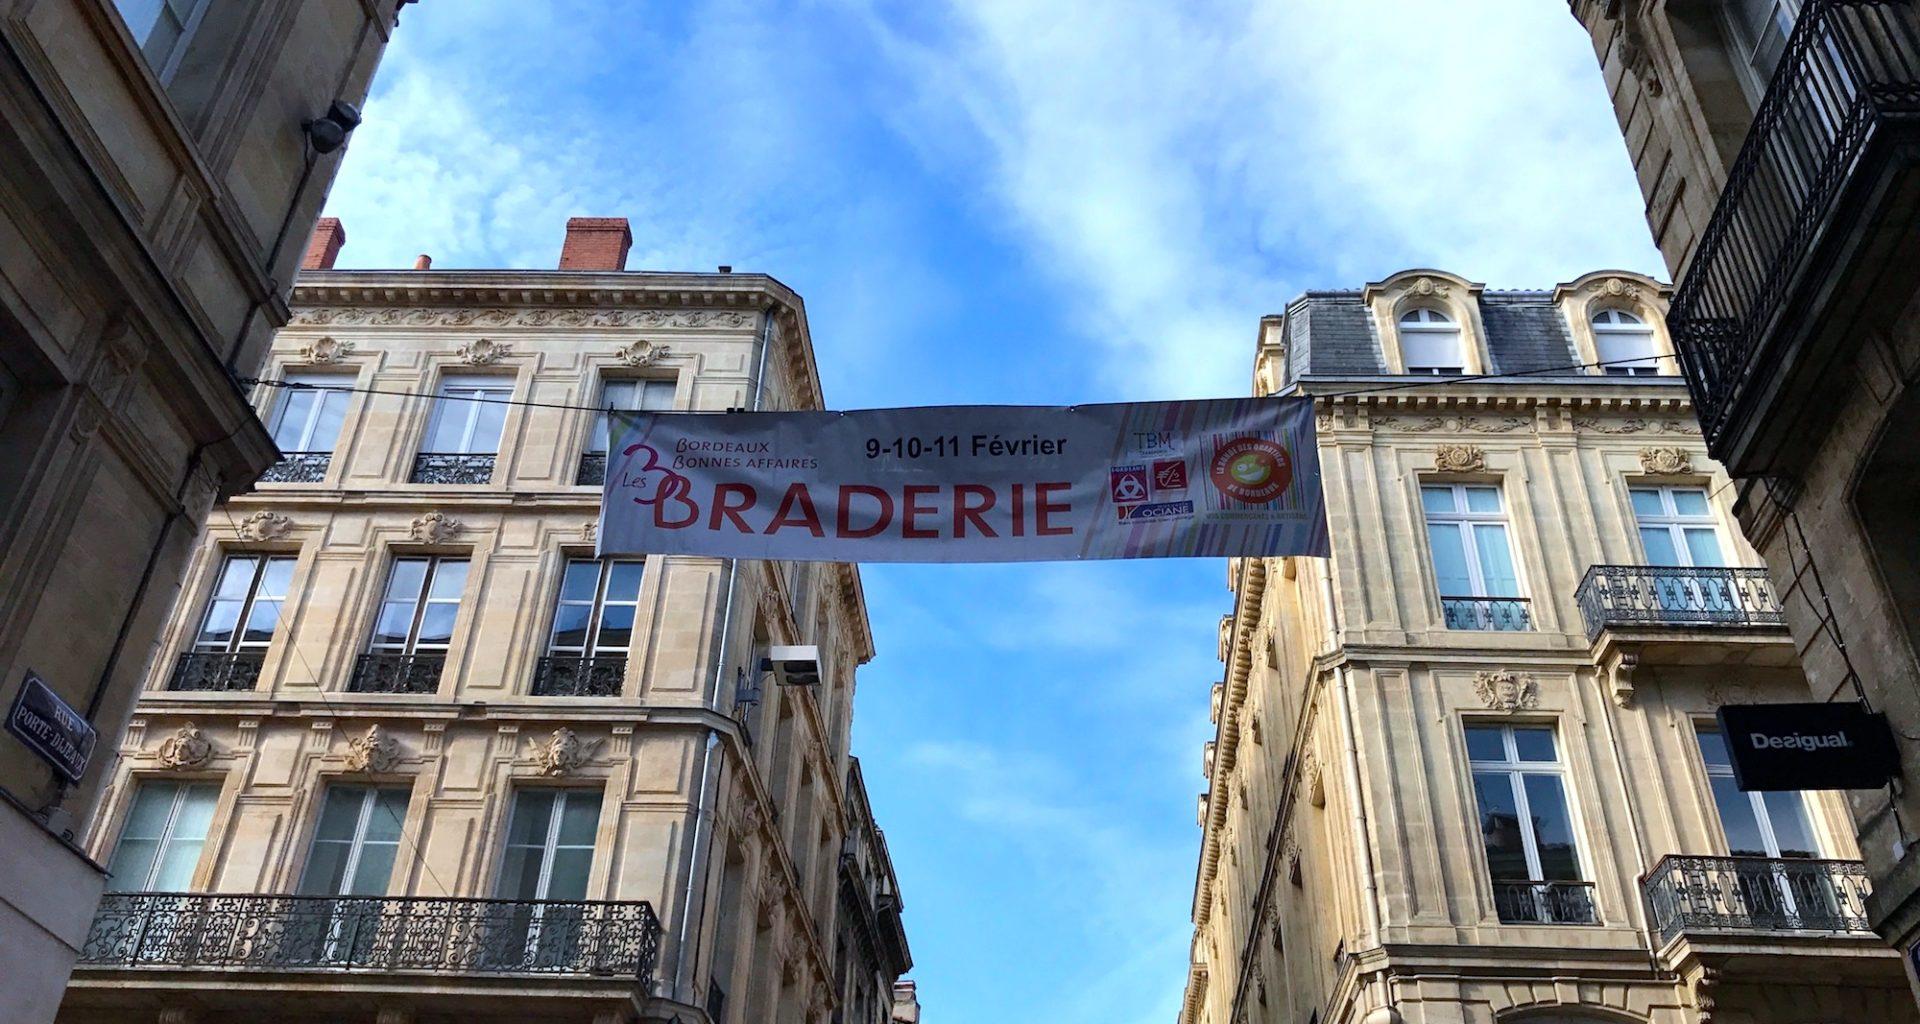 BRADERIE DE BORDEAUX